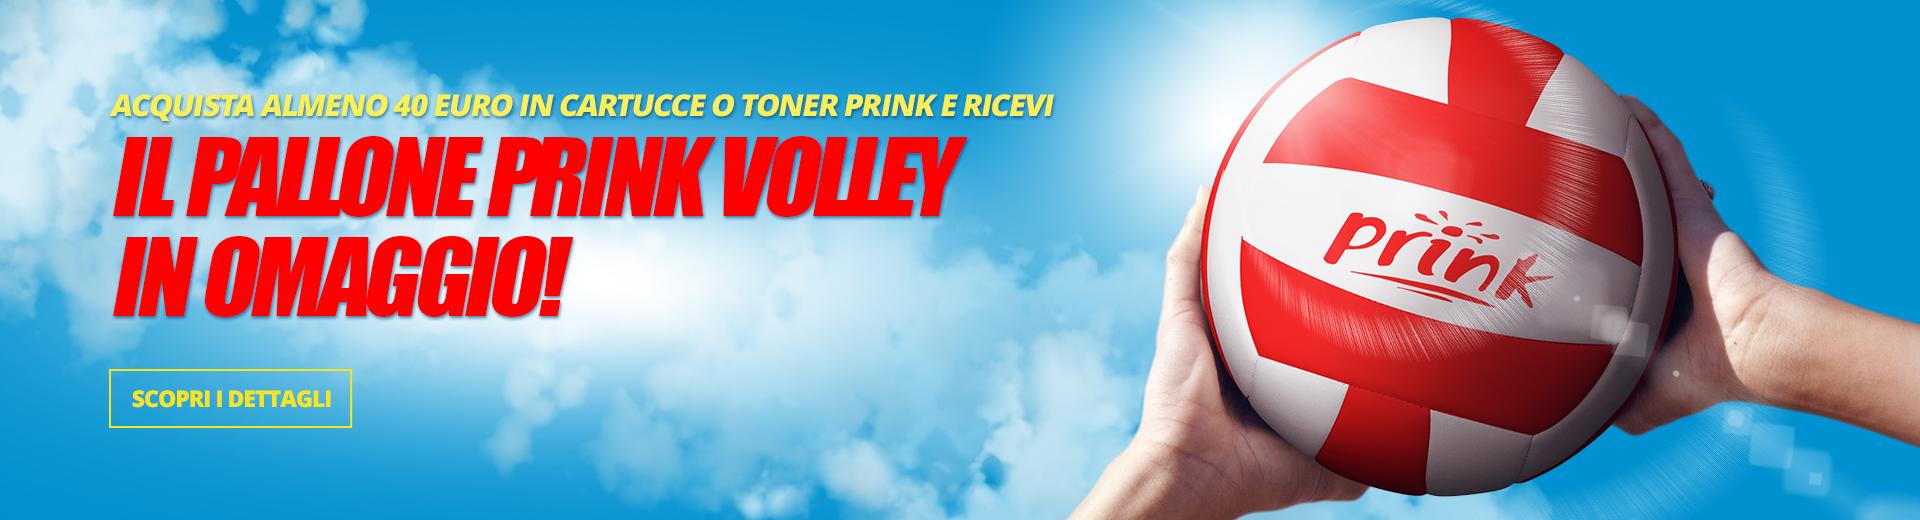 Prink Volley